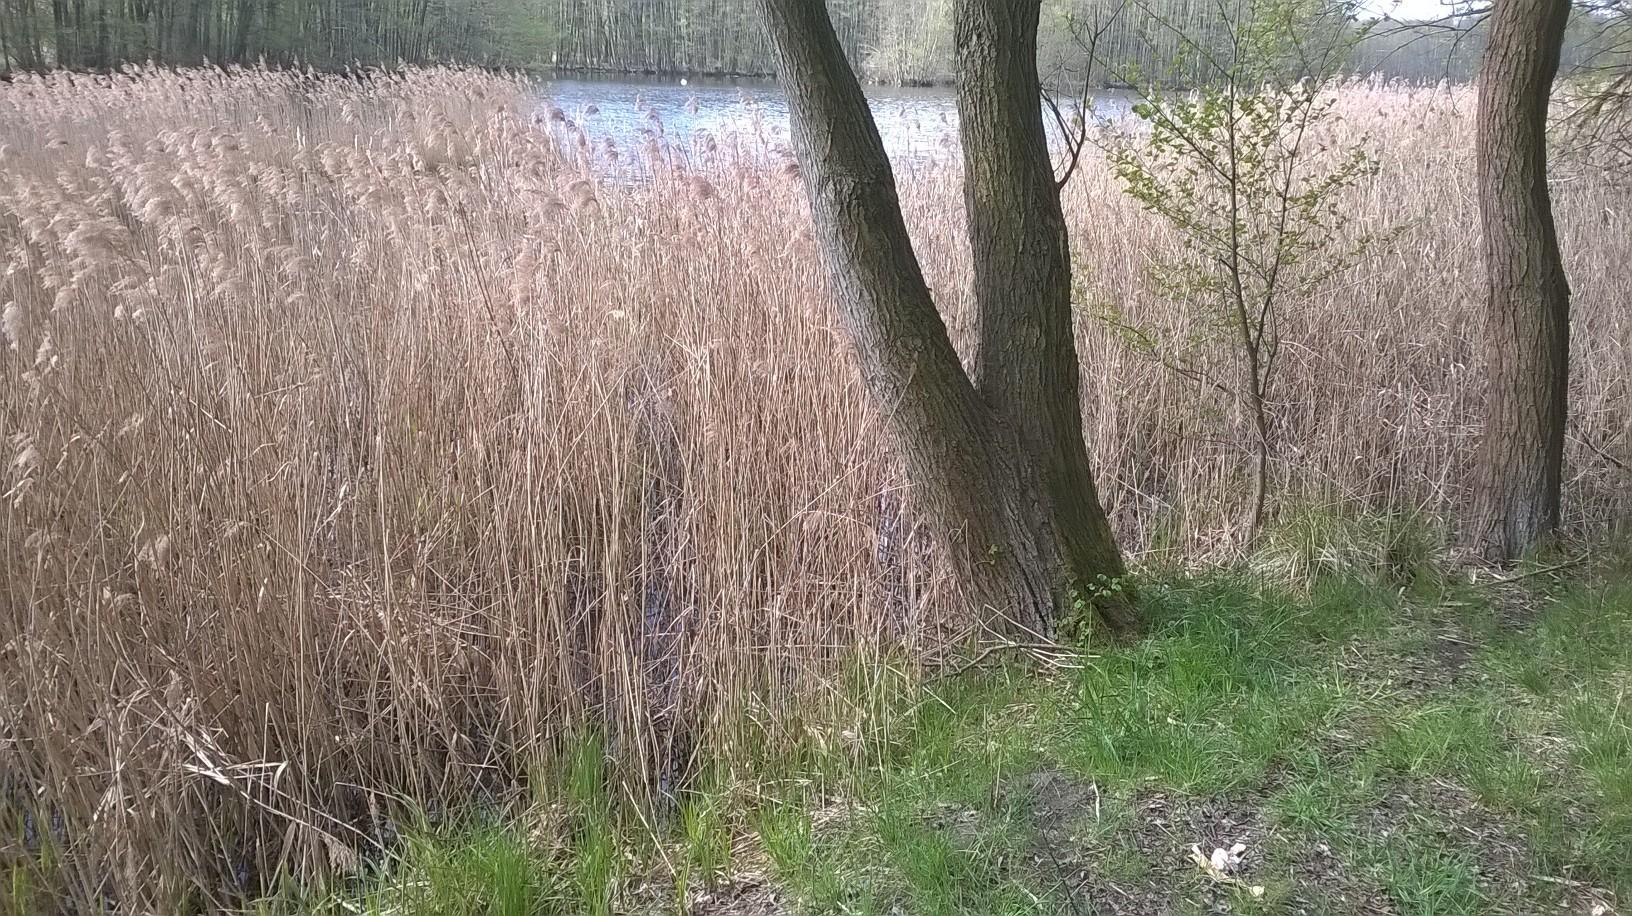 das Gartengelände neu gestaltet.  Kleine Kunden schauen auf kleine Seen...